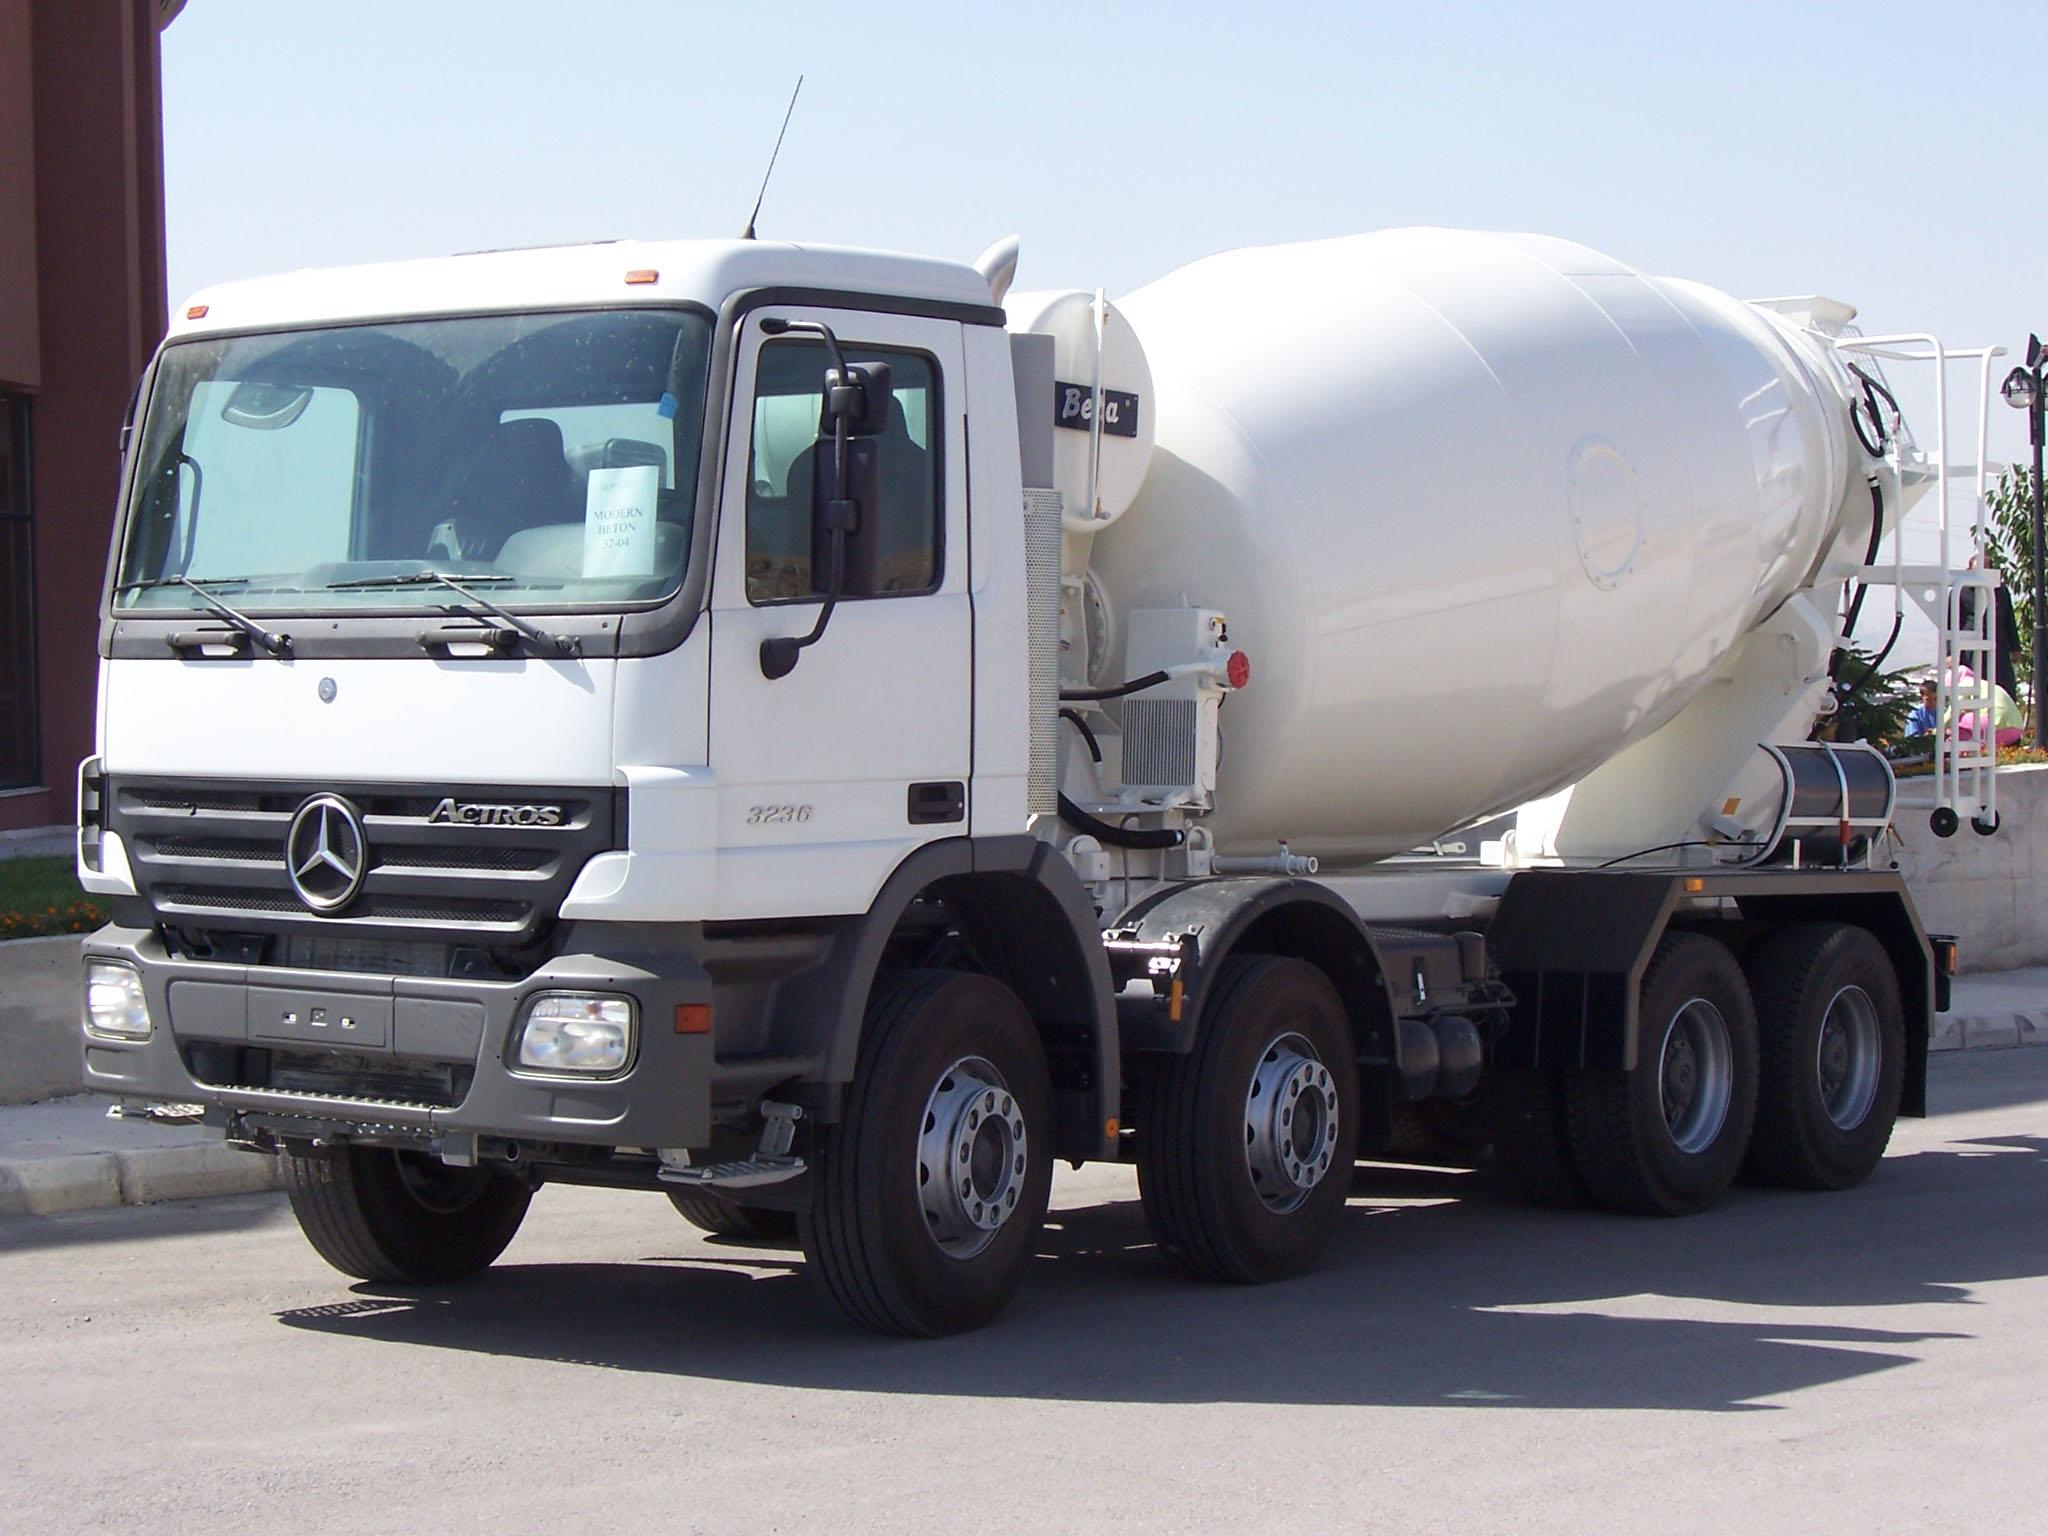 Регламент на производство бетонной смеси купить бетон уфа